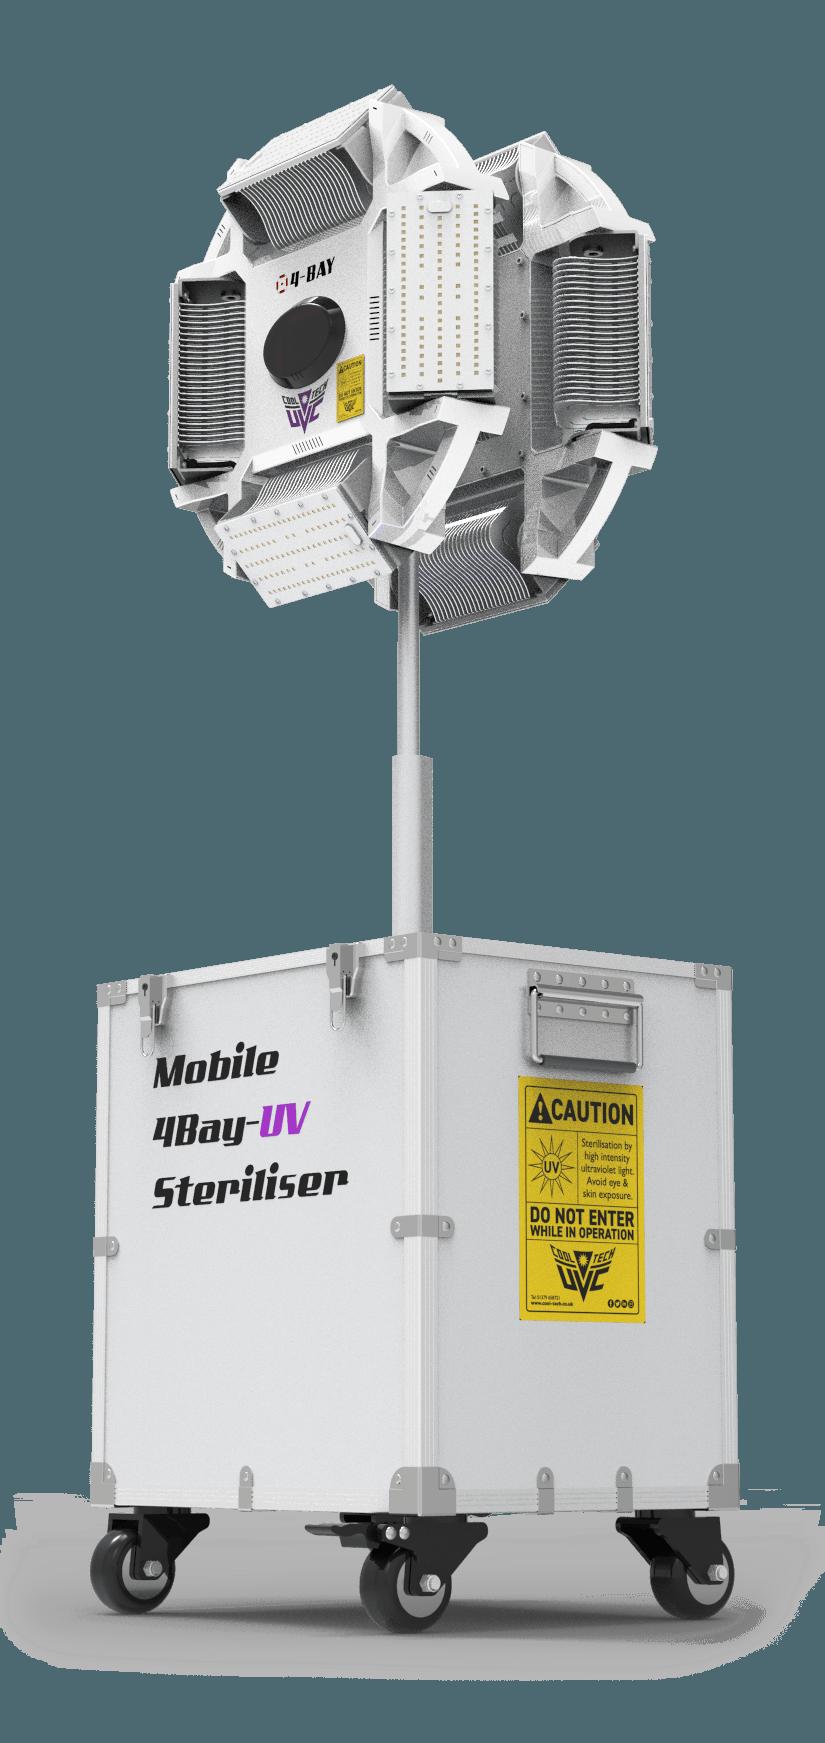 4Bay-Mobile-Steriliser 600w